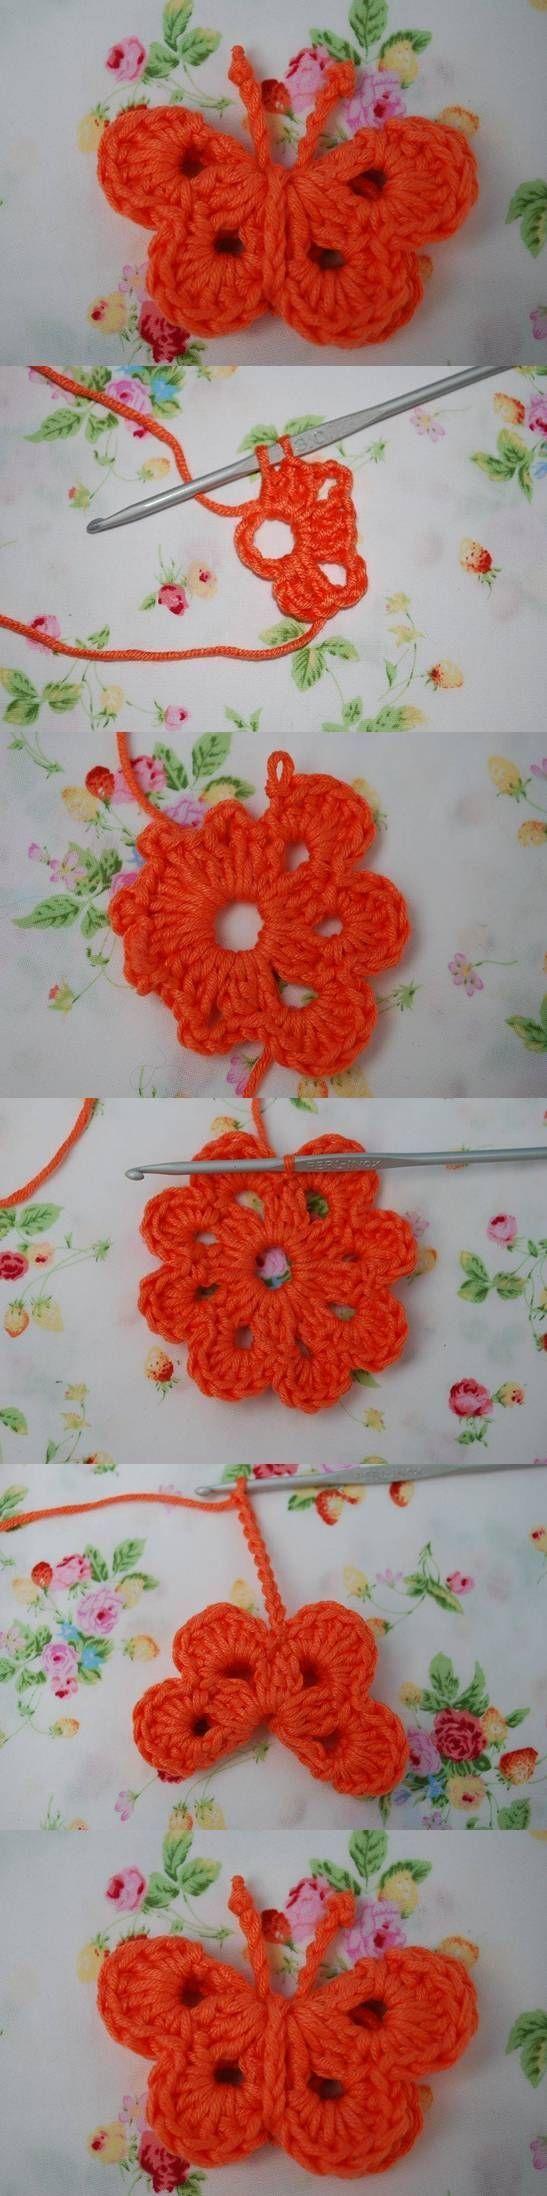 DIY Crochet Butterfly | YARNADOODLE | Pinterest | Stricken und ...